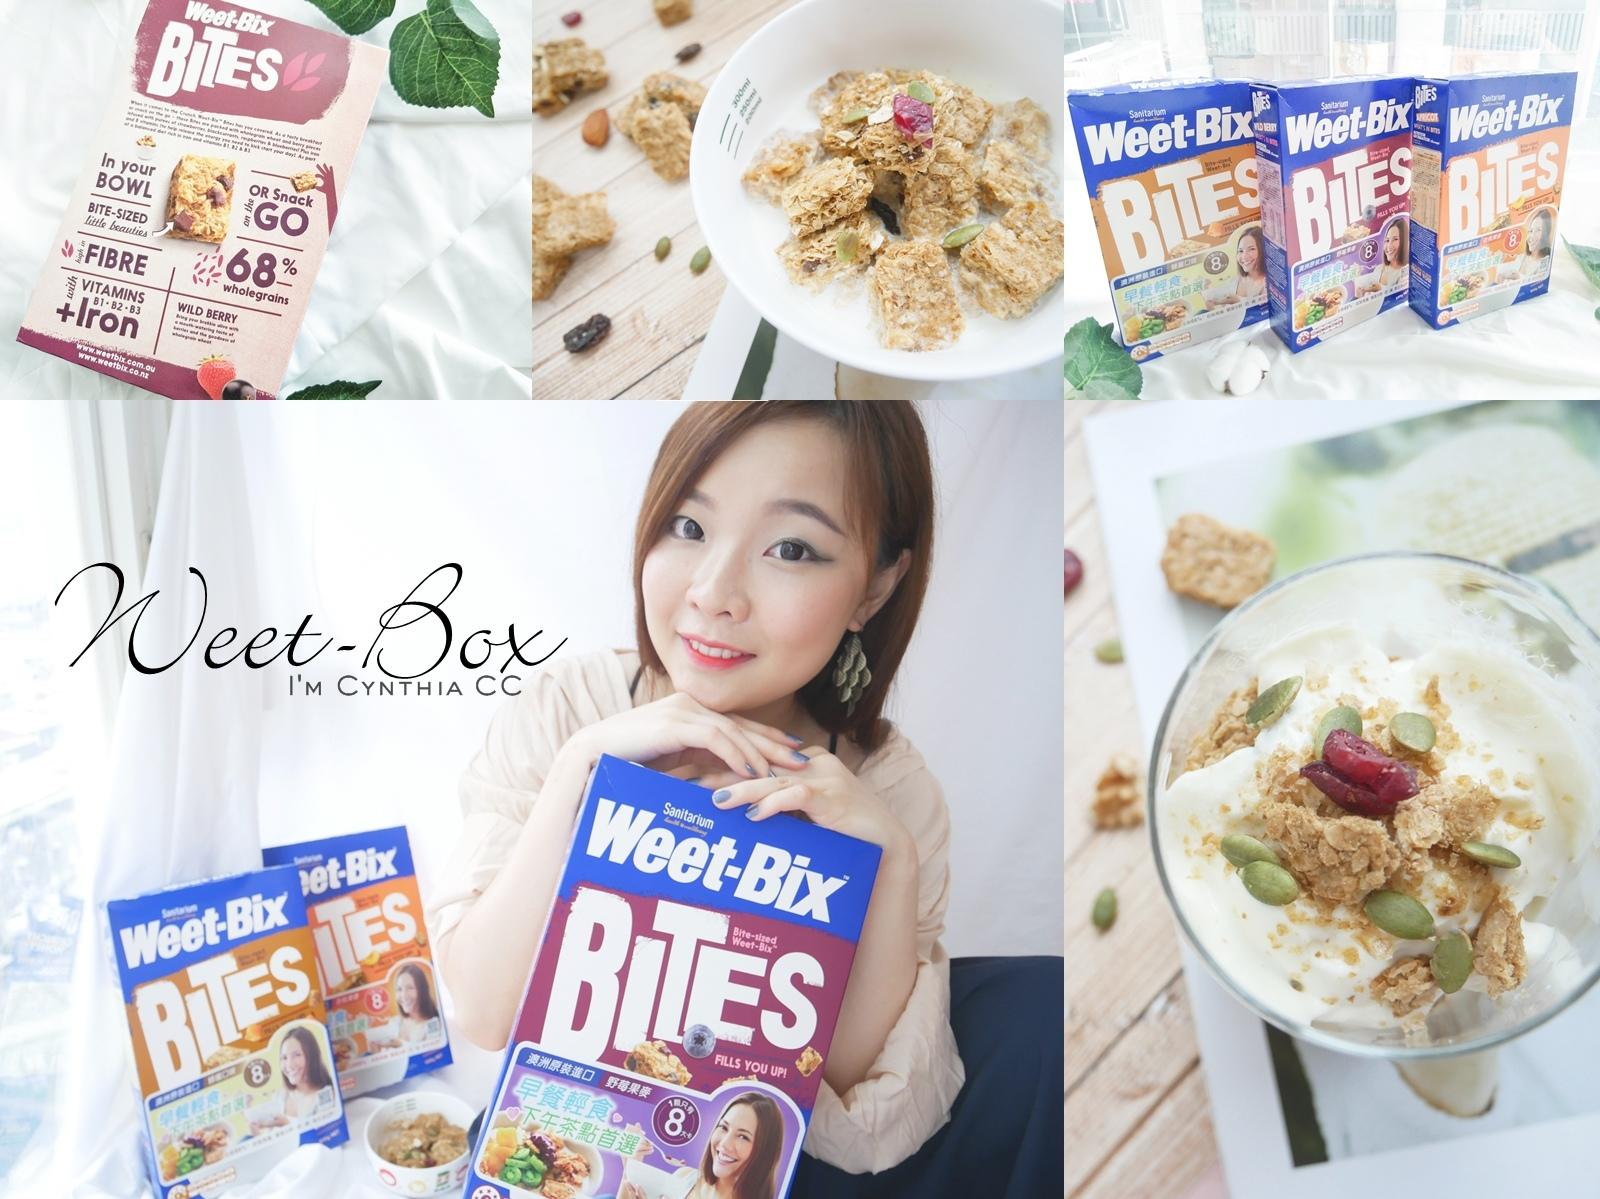 健康輕食Weet-Bix澳洲全穀片-低脂高纖營養早餐麥片-低卡零食